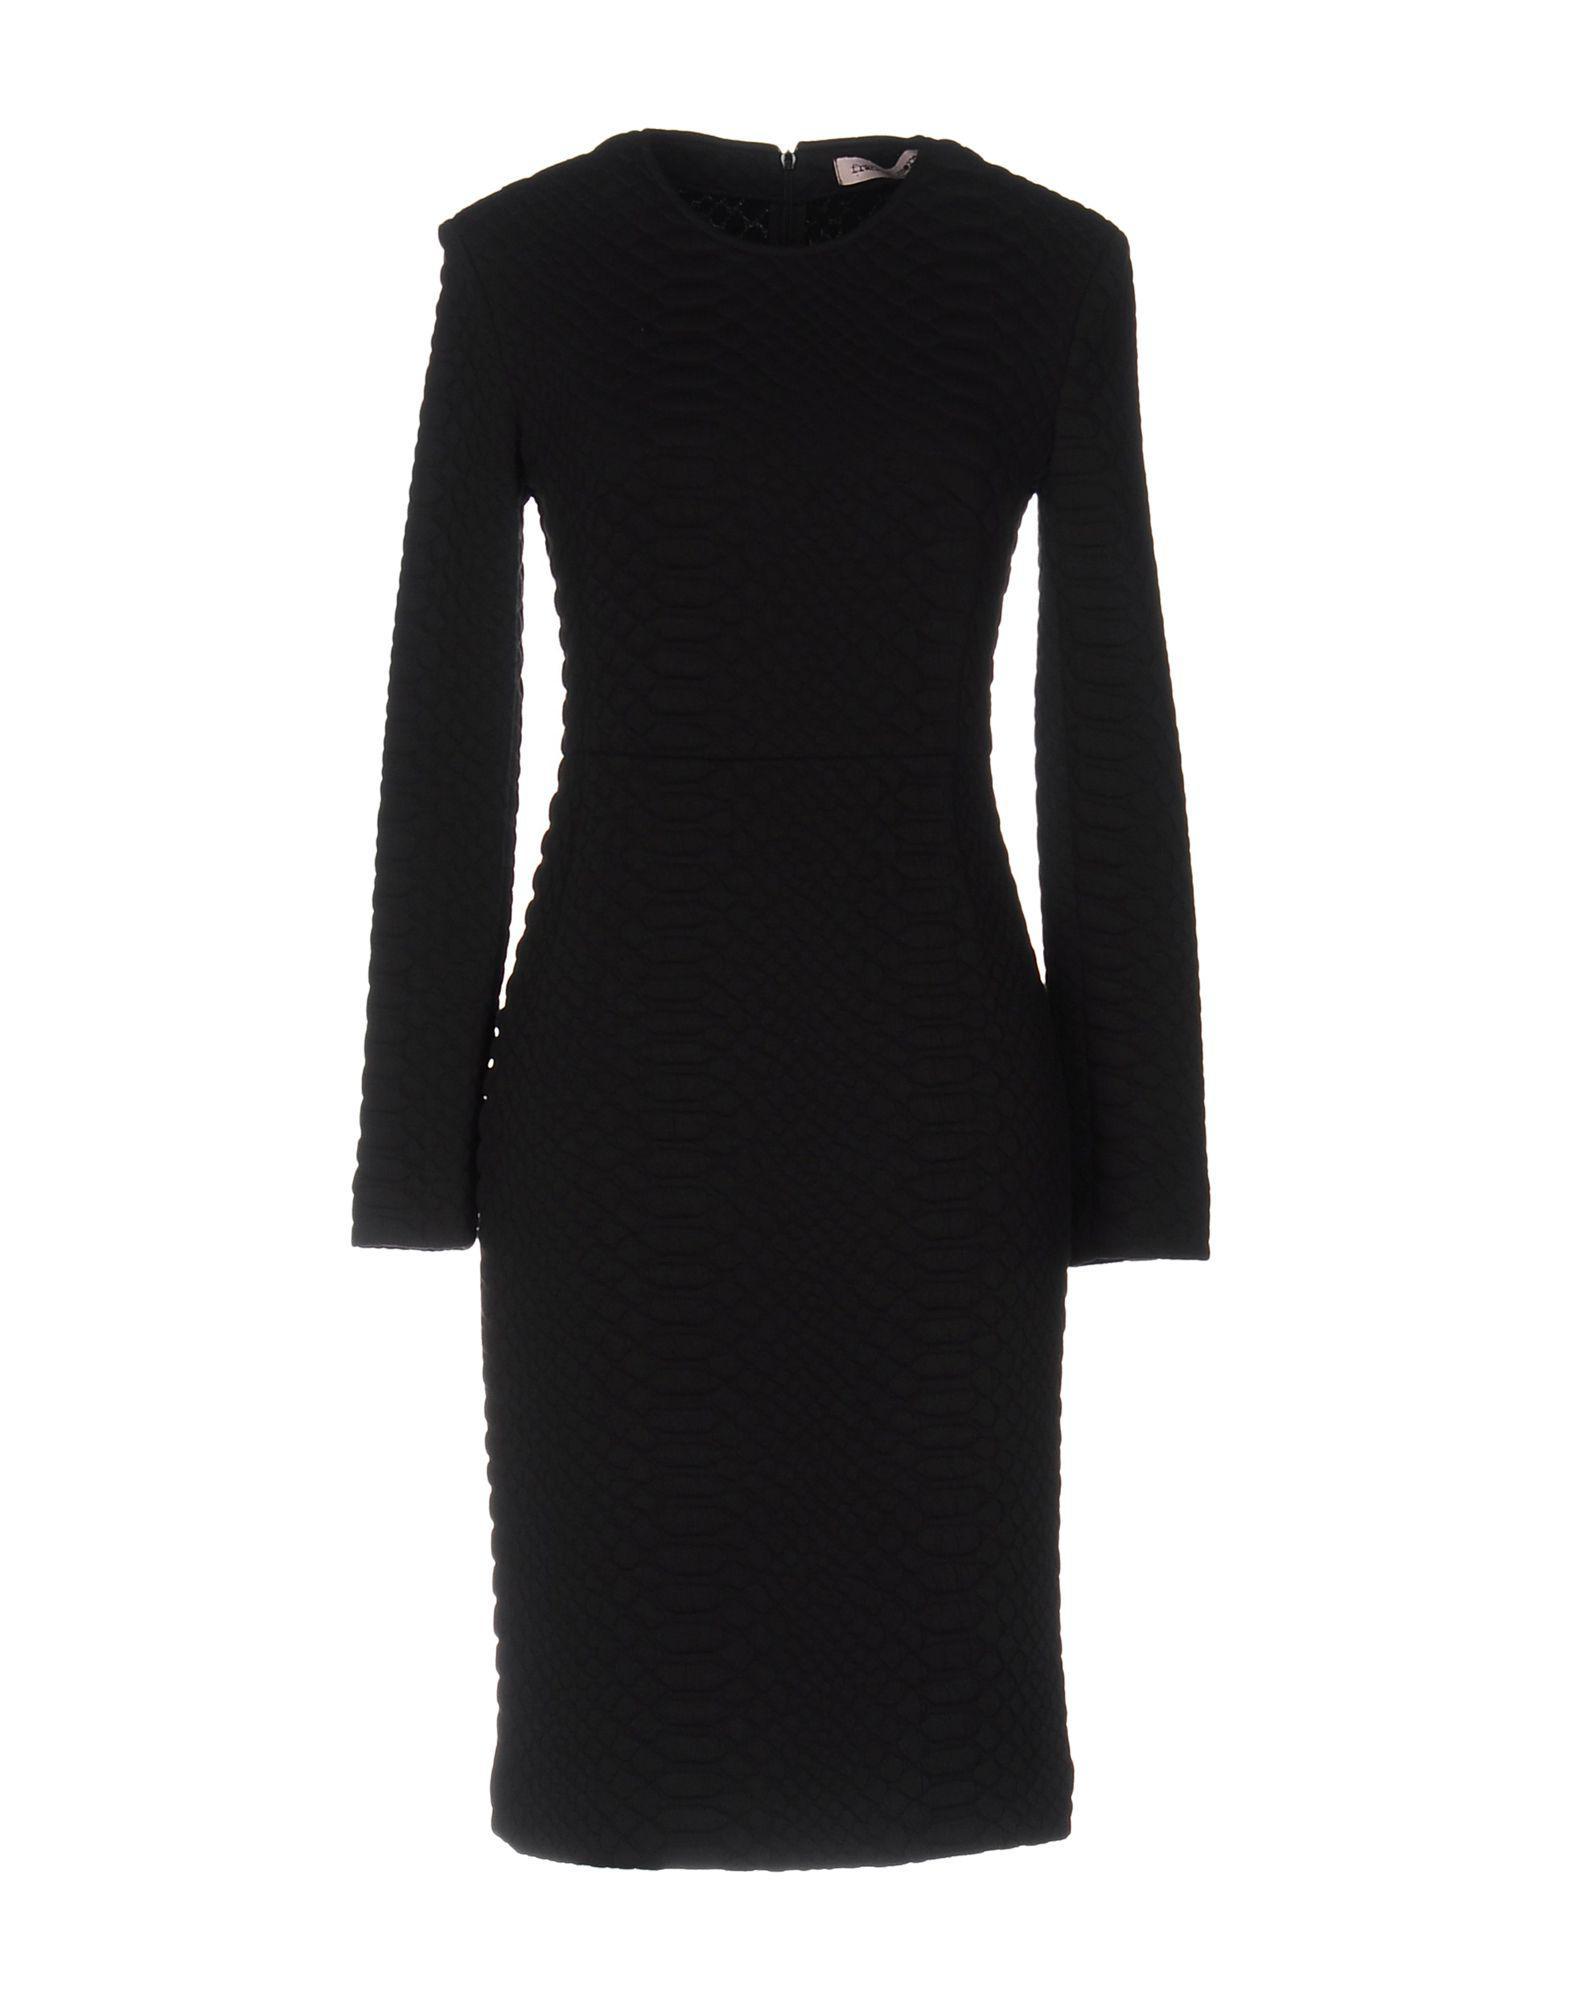 Length Lyst Knee Black Morello Frankie Dress In wfxv7